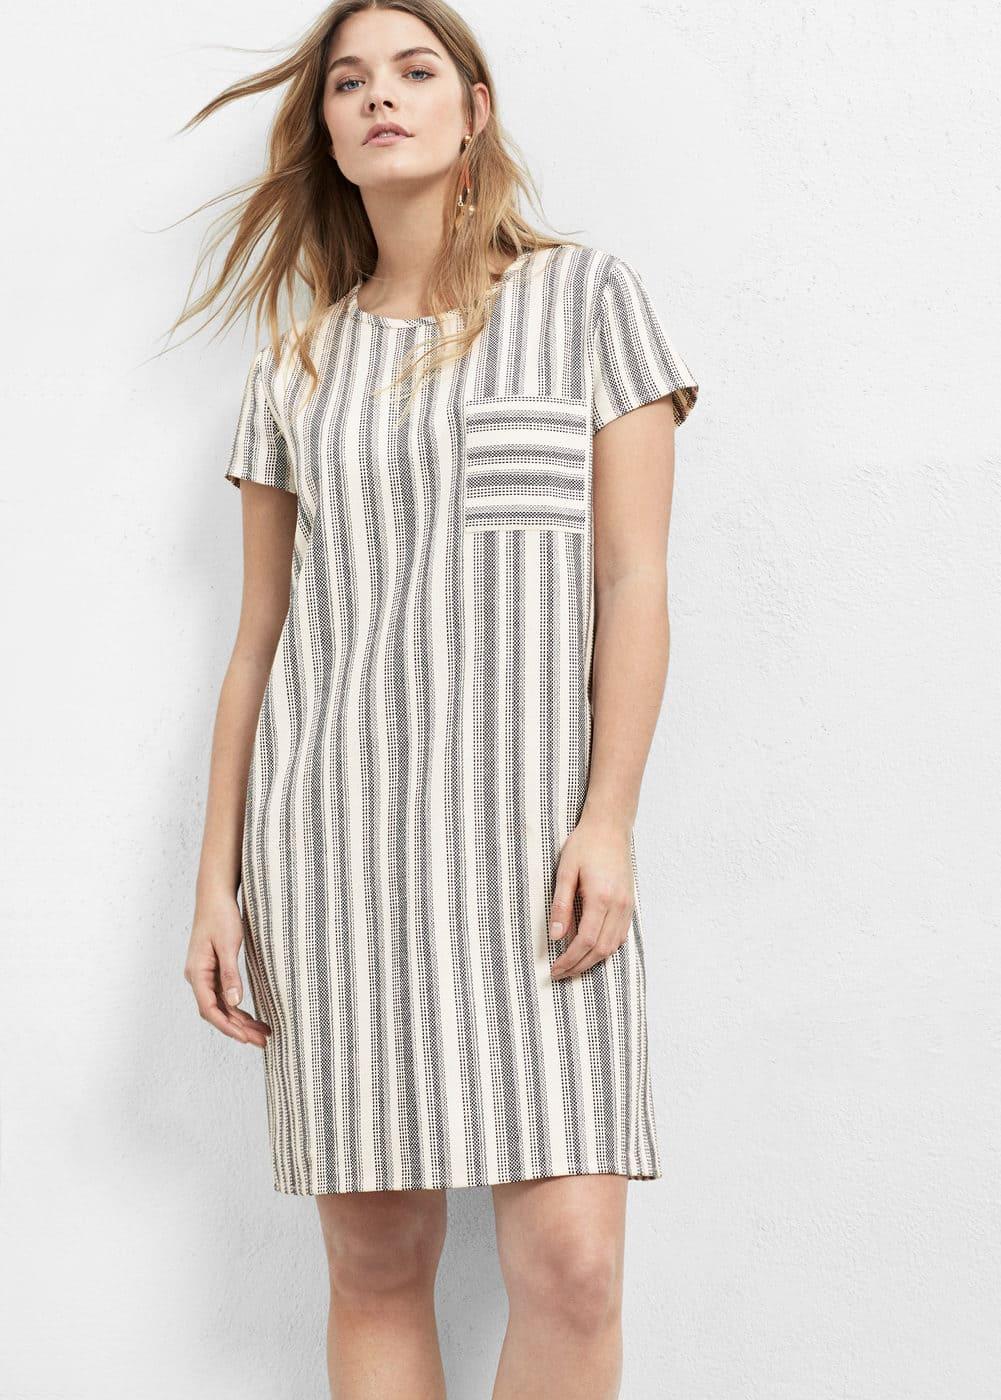 Striped cotton dress | VIOLETA BY MANGO